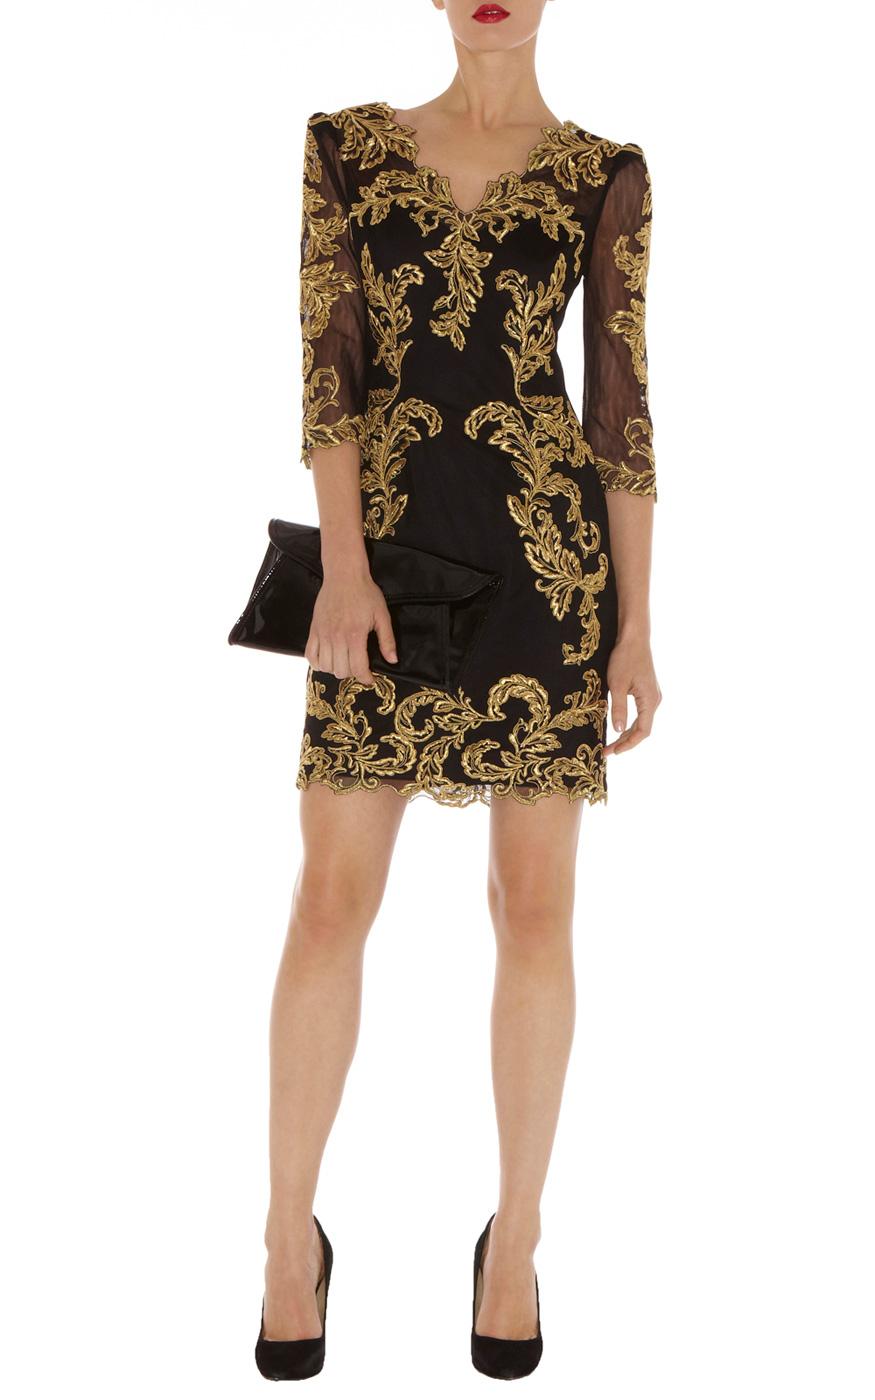 Baroque mesh dress | Luxury Women's xmlfeed | Karen Millen